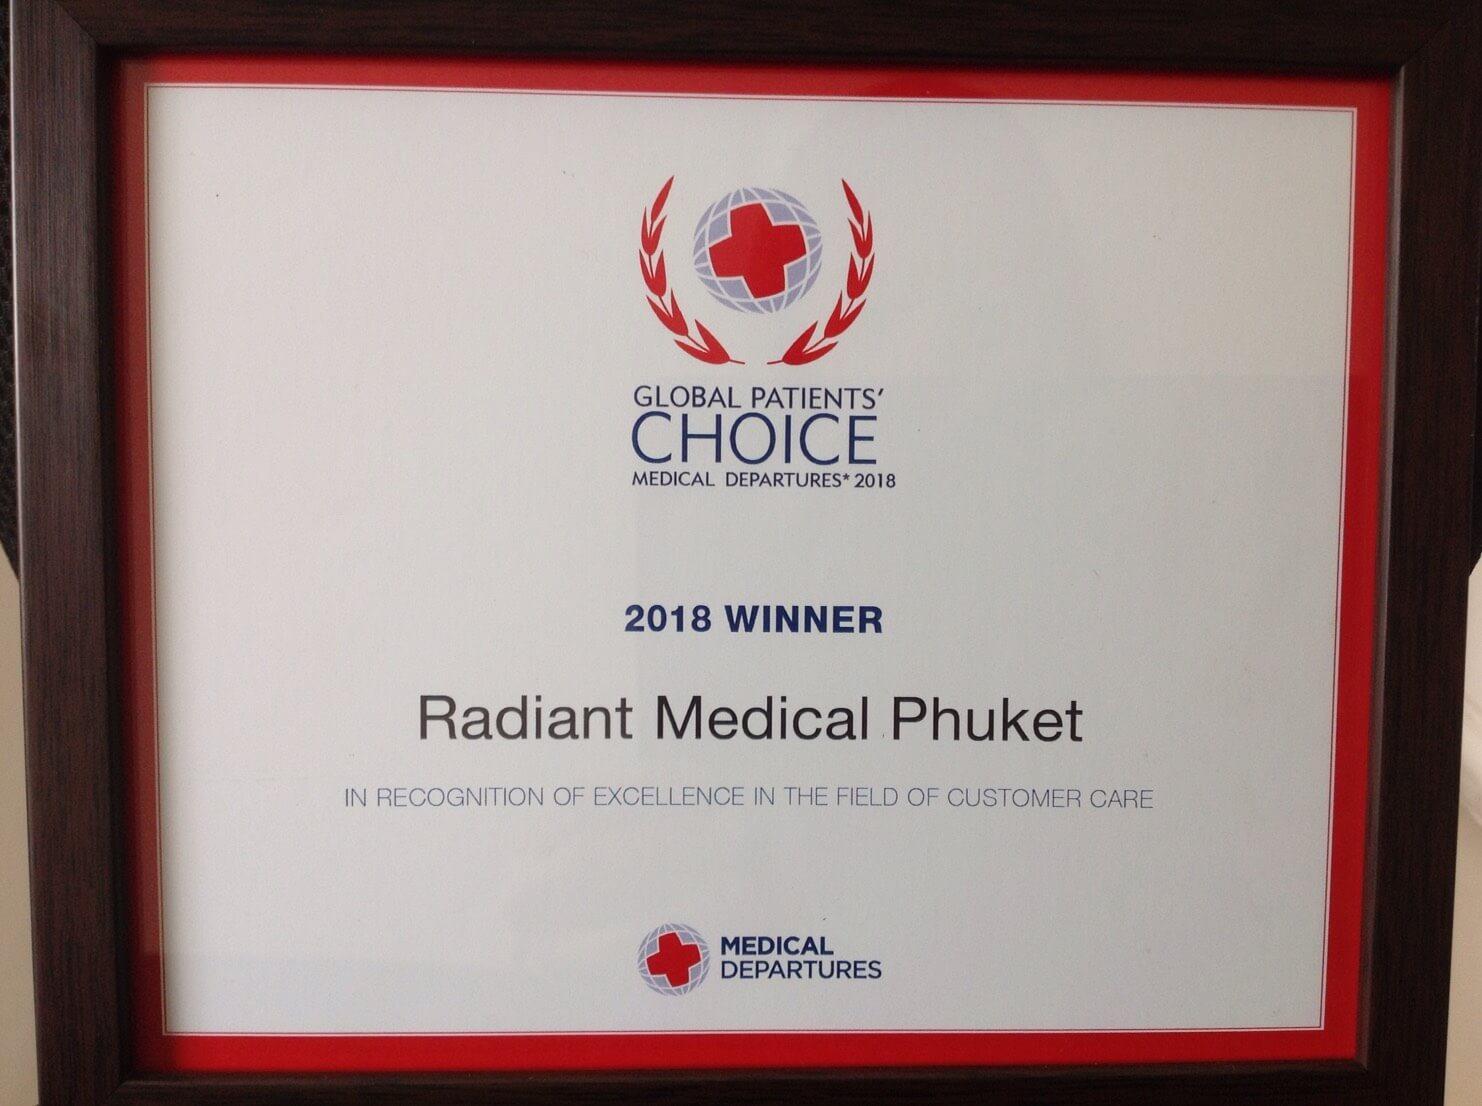 Medical Departures Award 2018